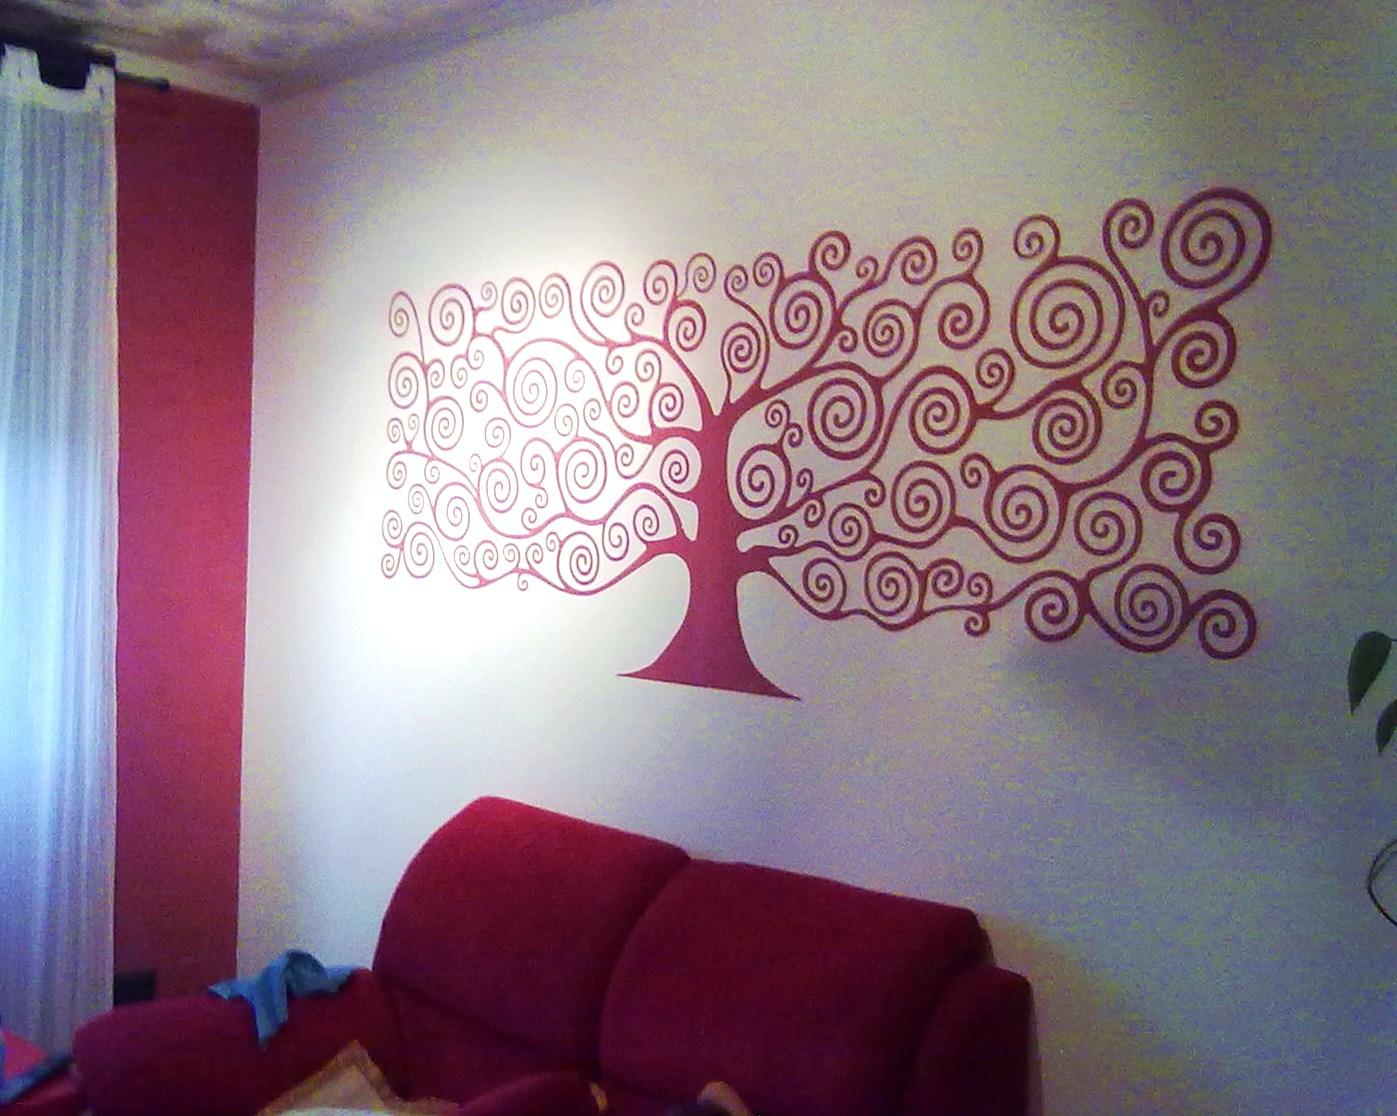 Disegni artistici decorart decorazioni artistiche - Decorazioni artistiche ...